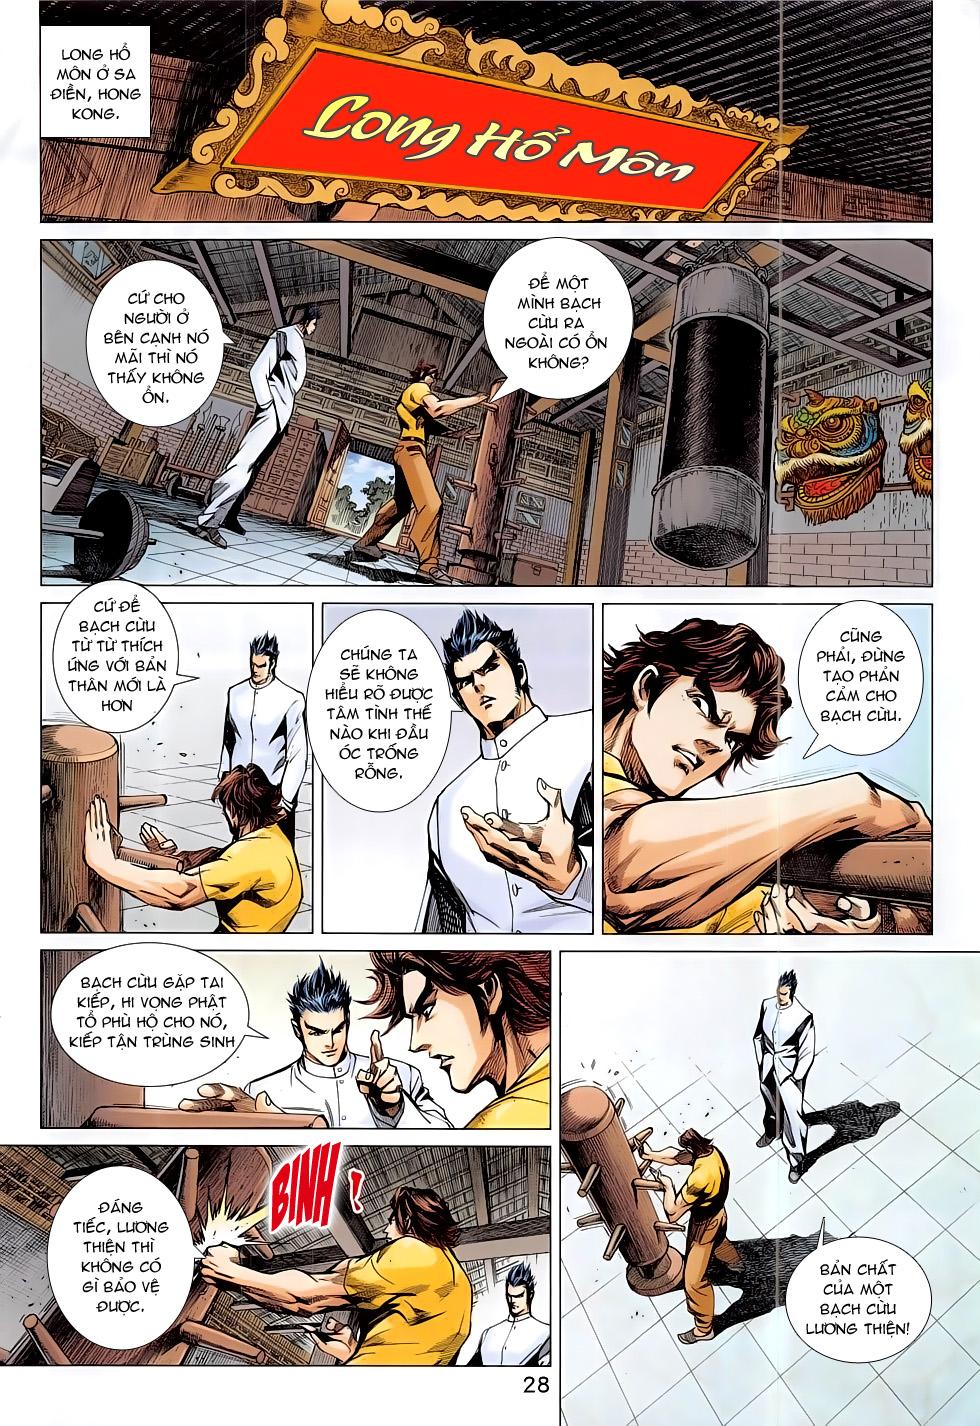 Tân Tác Long Hổ Môn chap 794 Trang 28 - Mangak.info